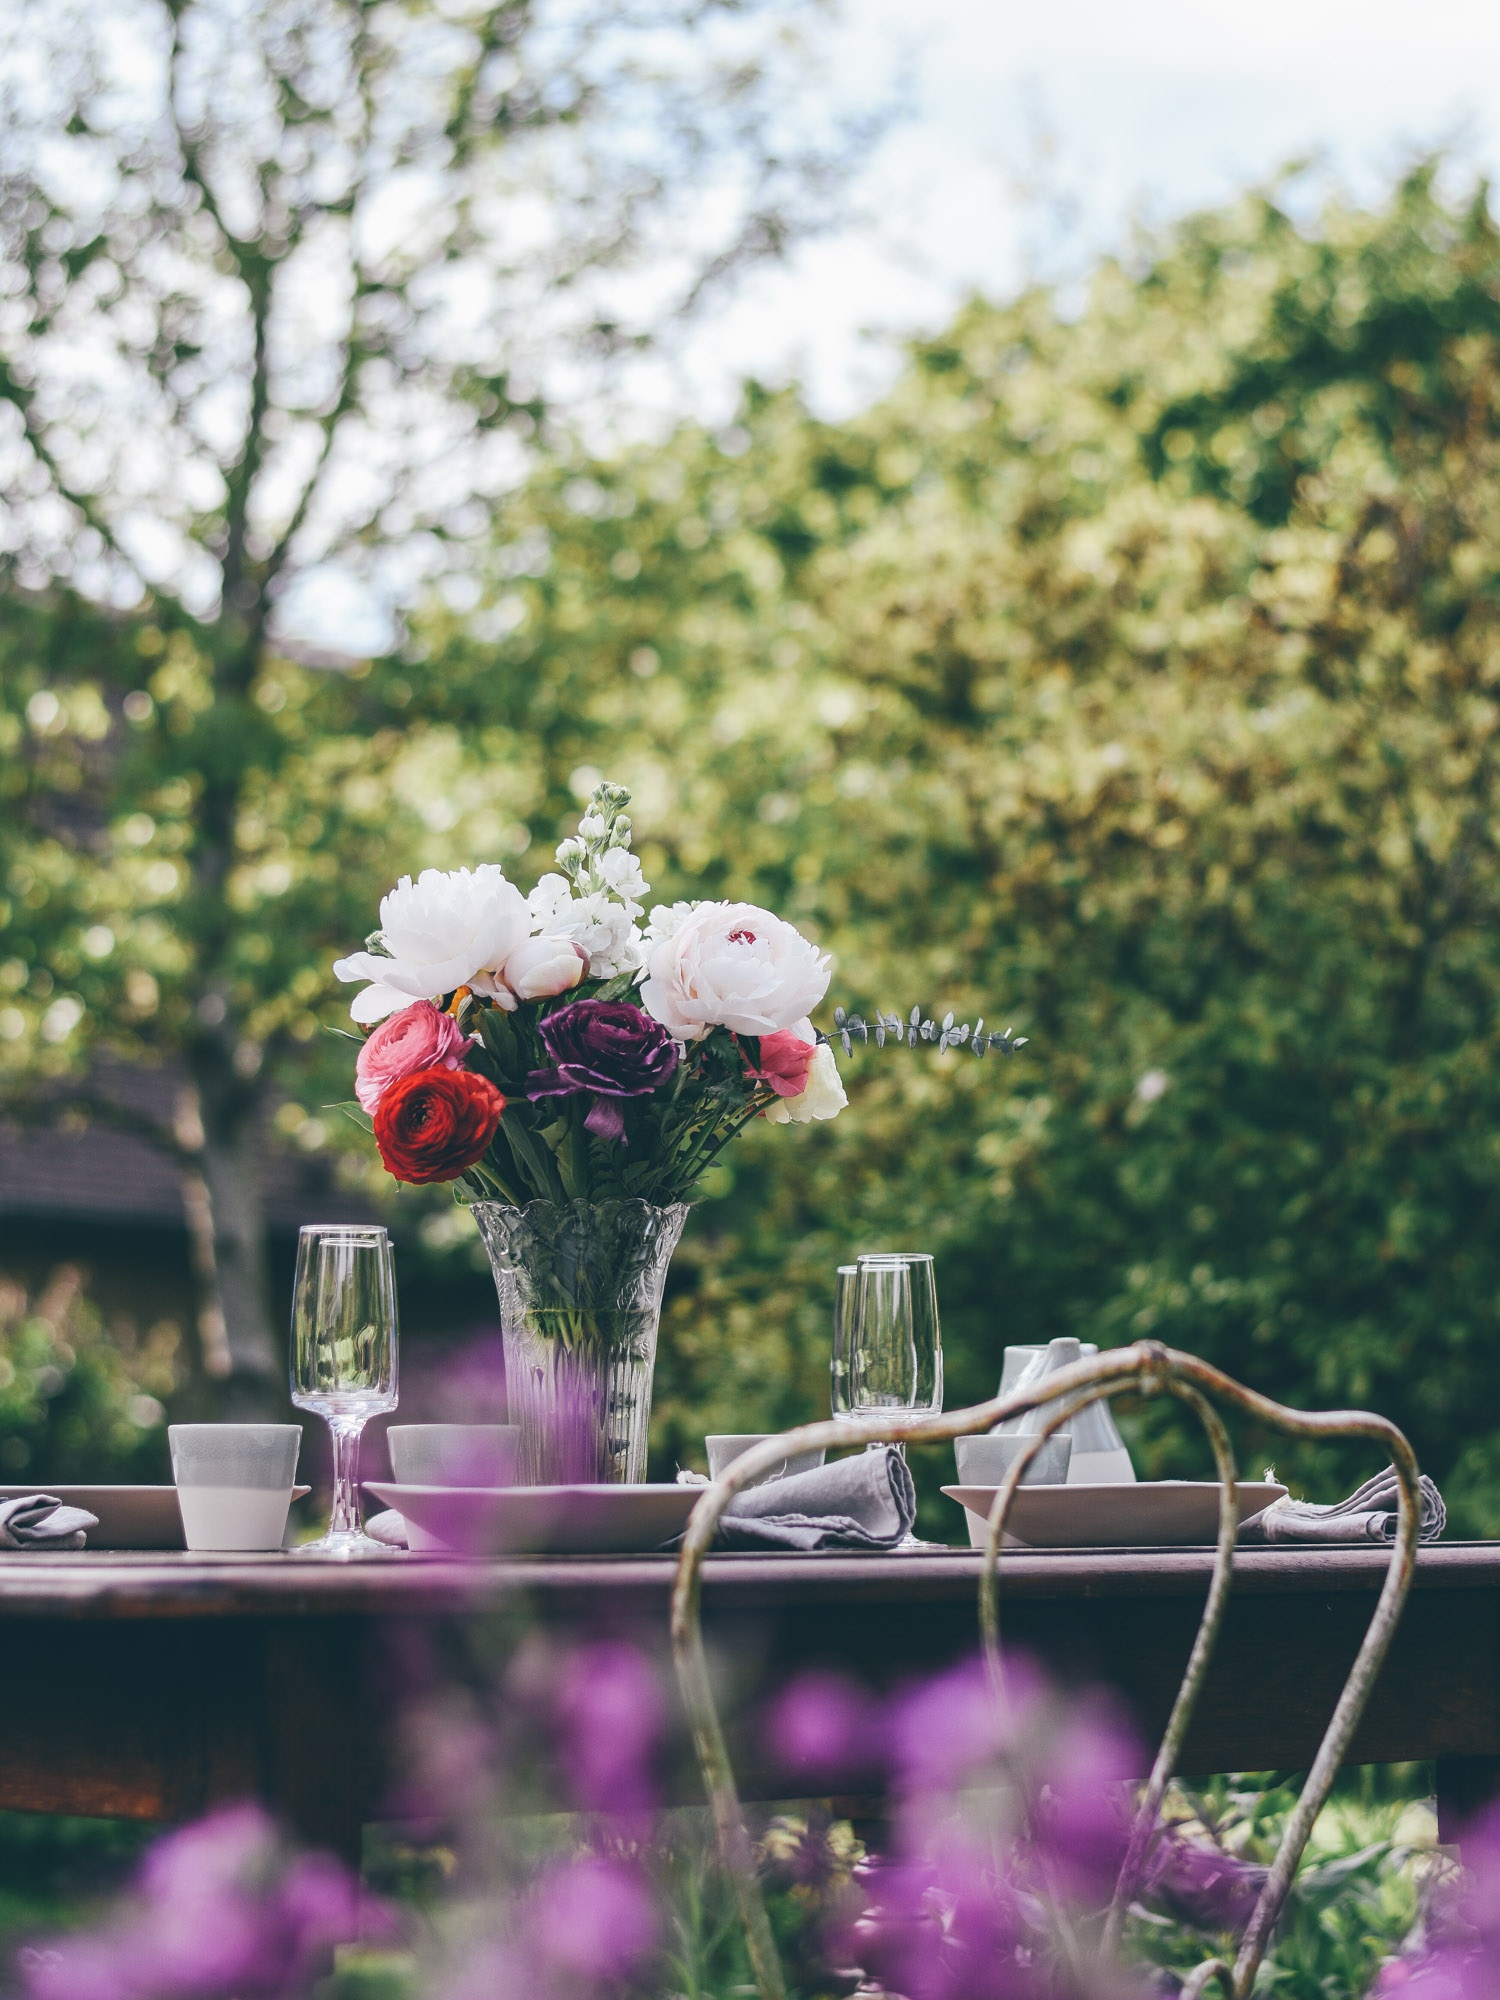 Leaf • Prendre le dessert au jardin - Compotée fraise/rhubarbe, croustillant châtaigne et glace au fromage blanc